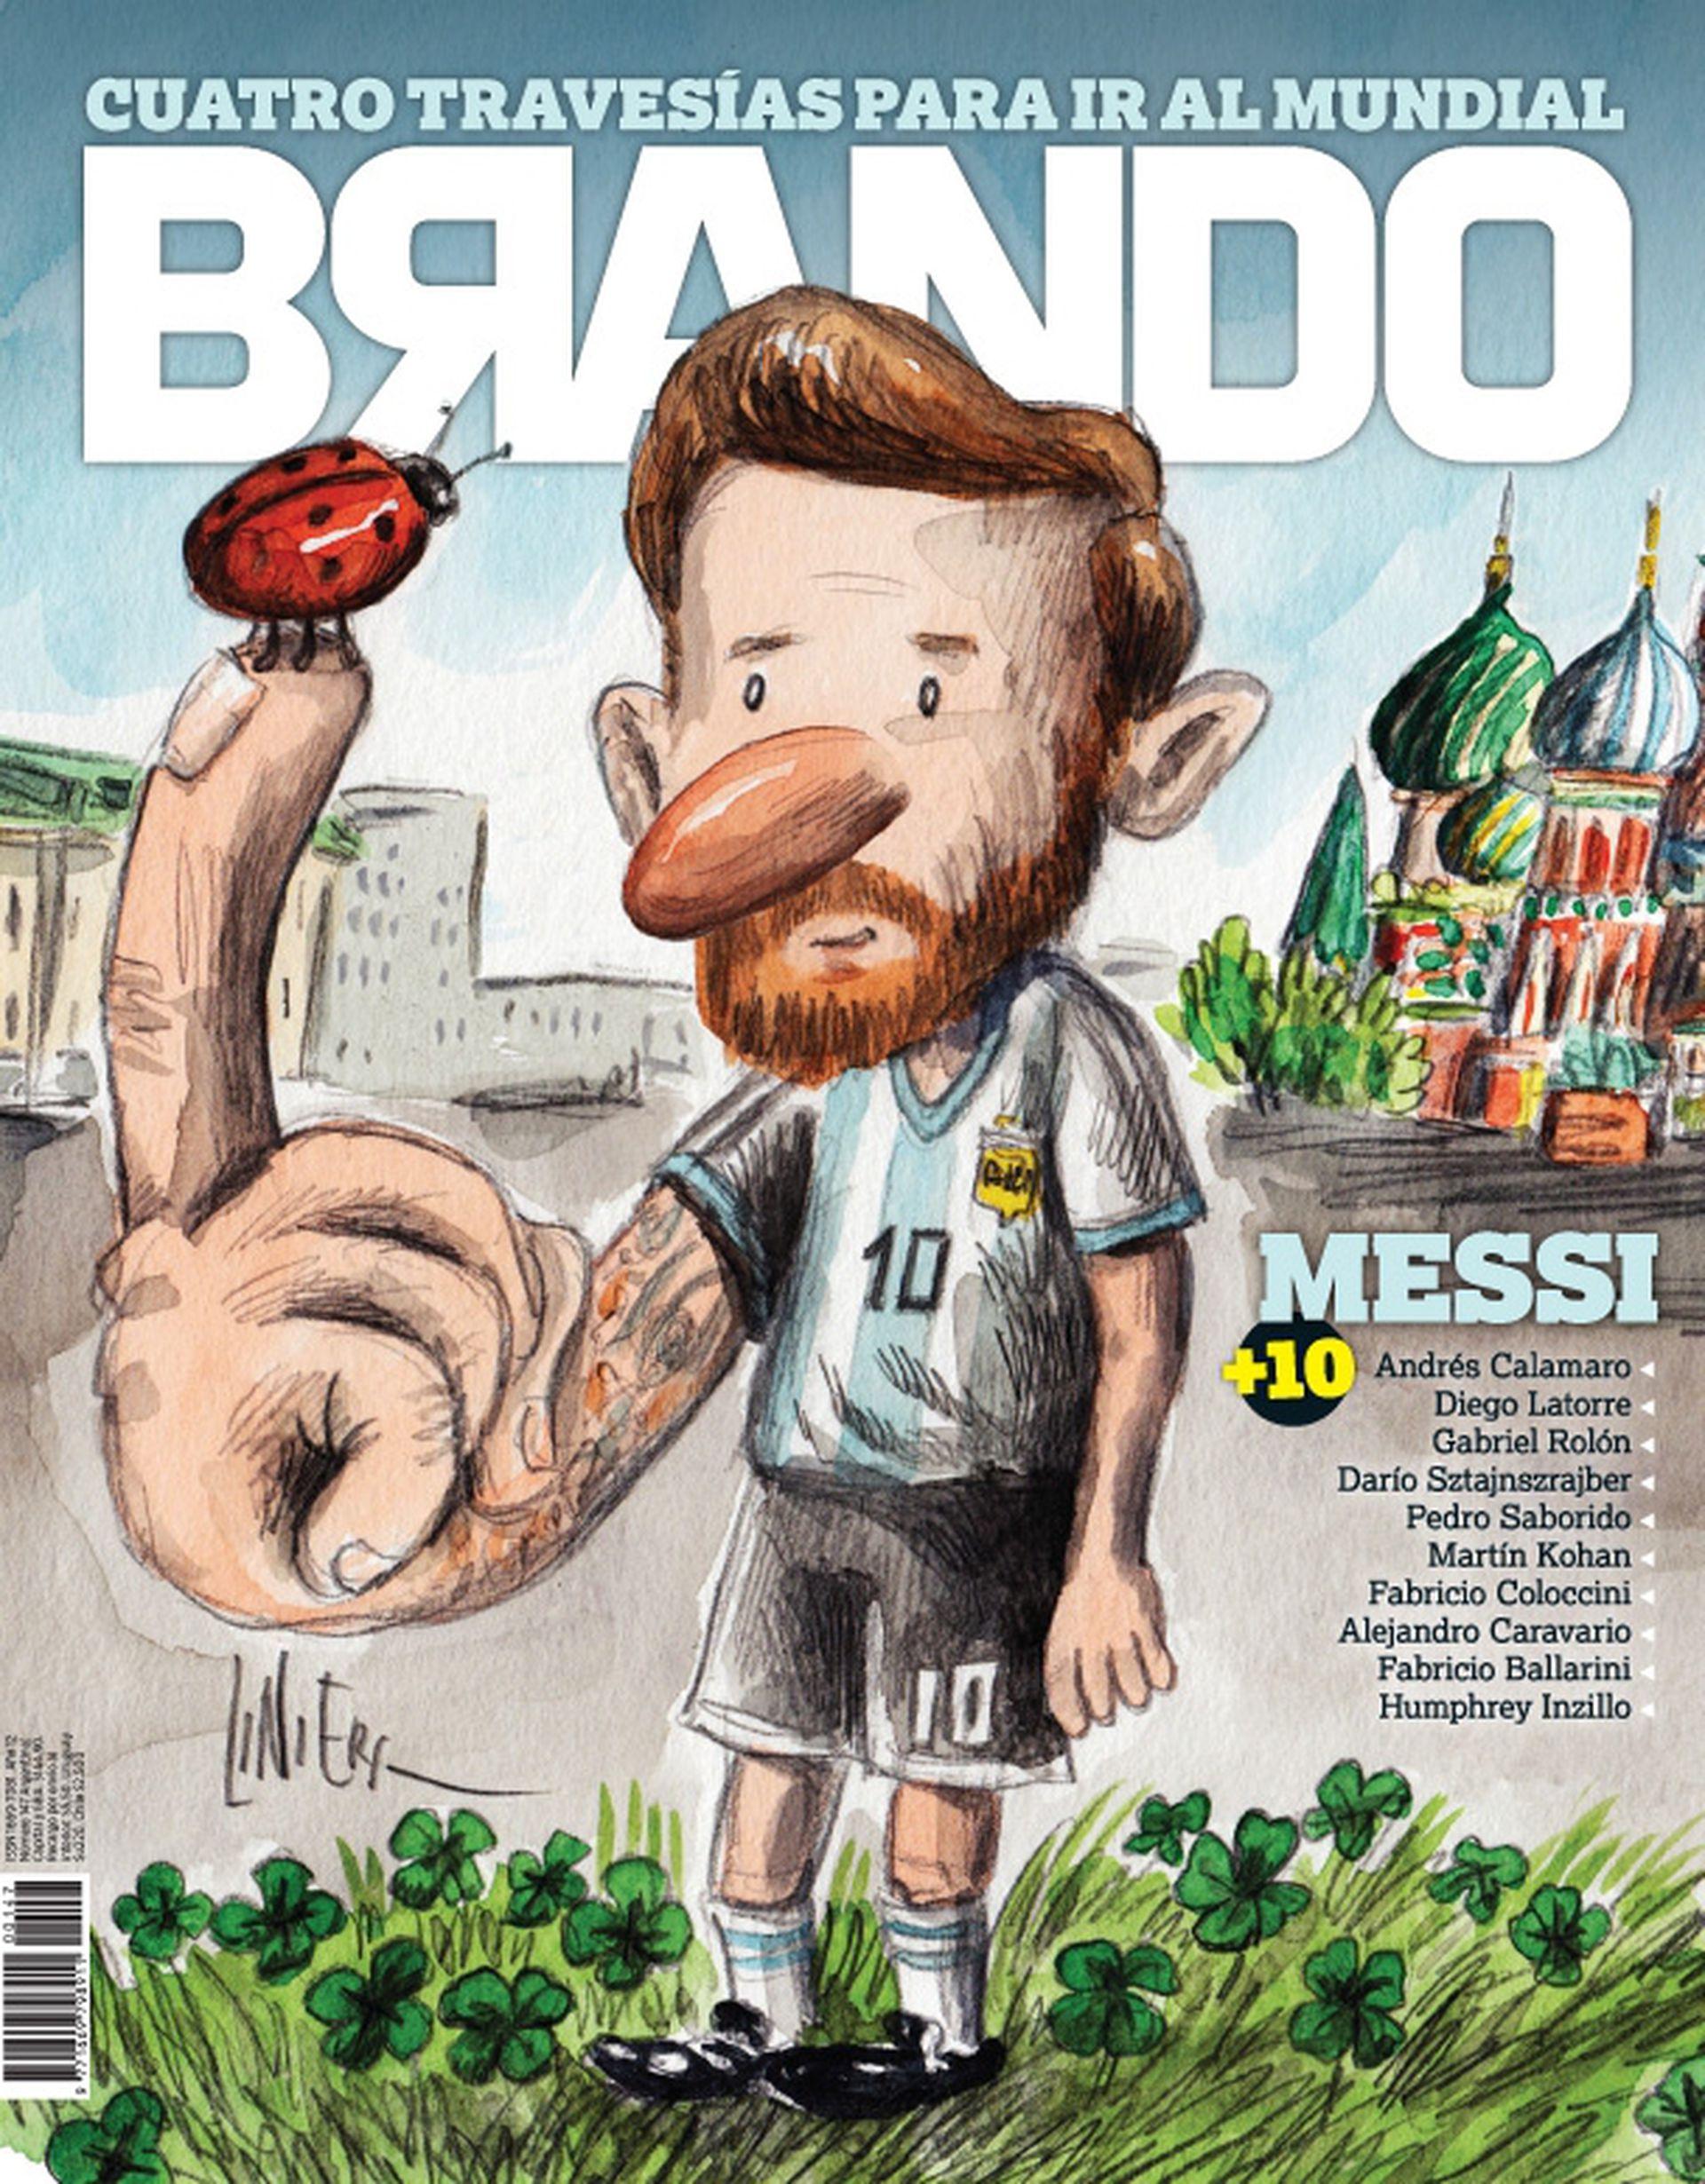 """La tapa """"amuleto"""" que Liniers pensó para la edición mundialista de Brando."""